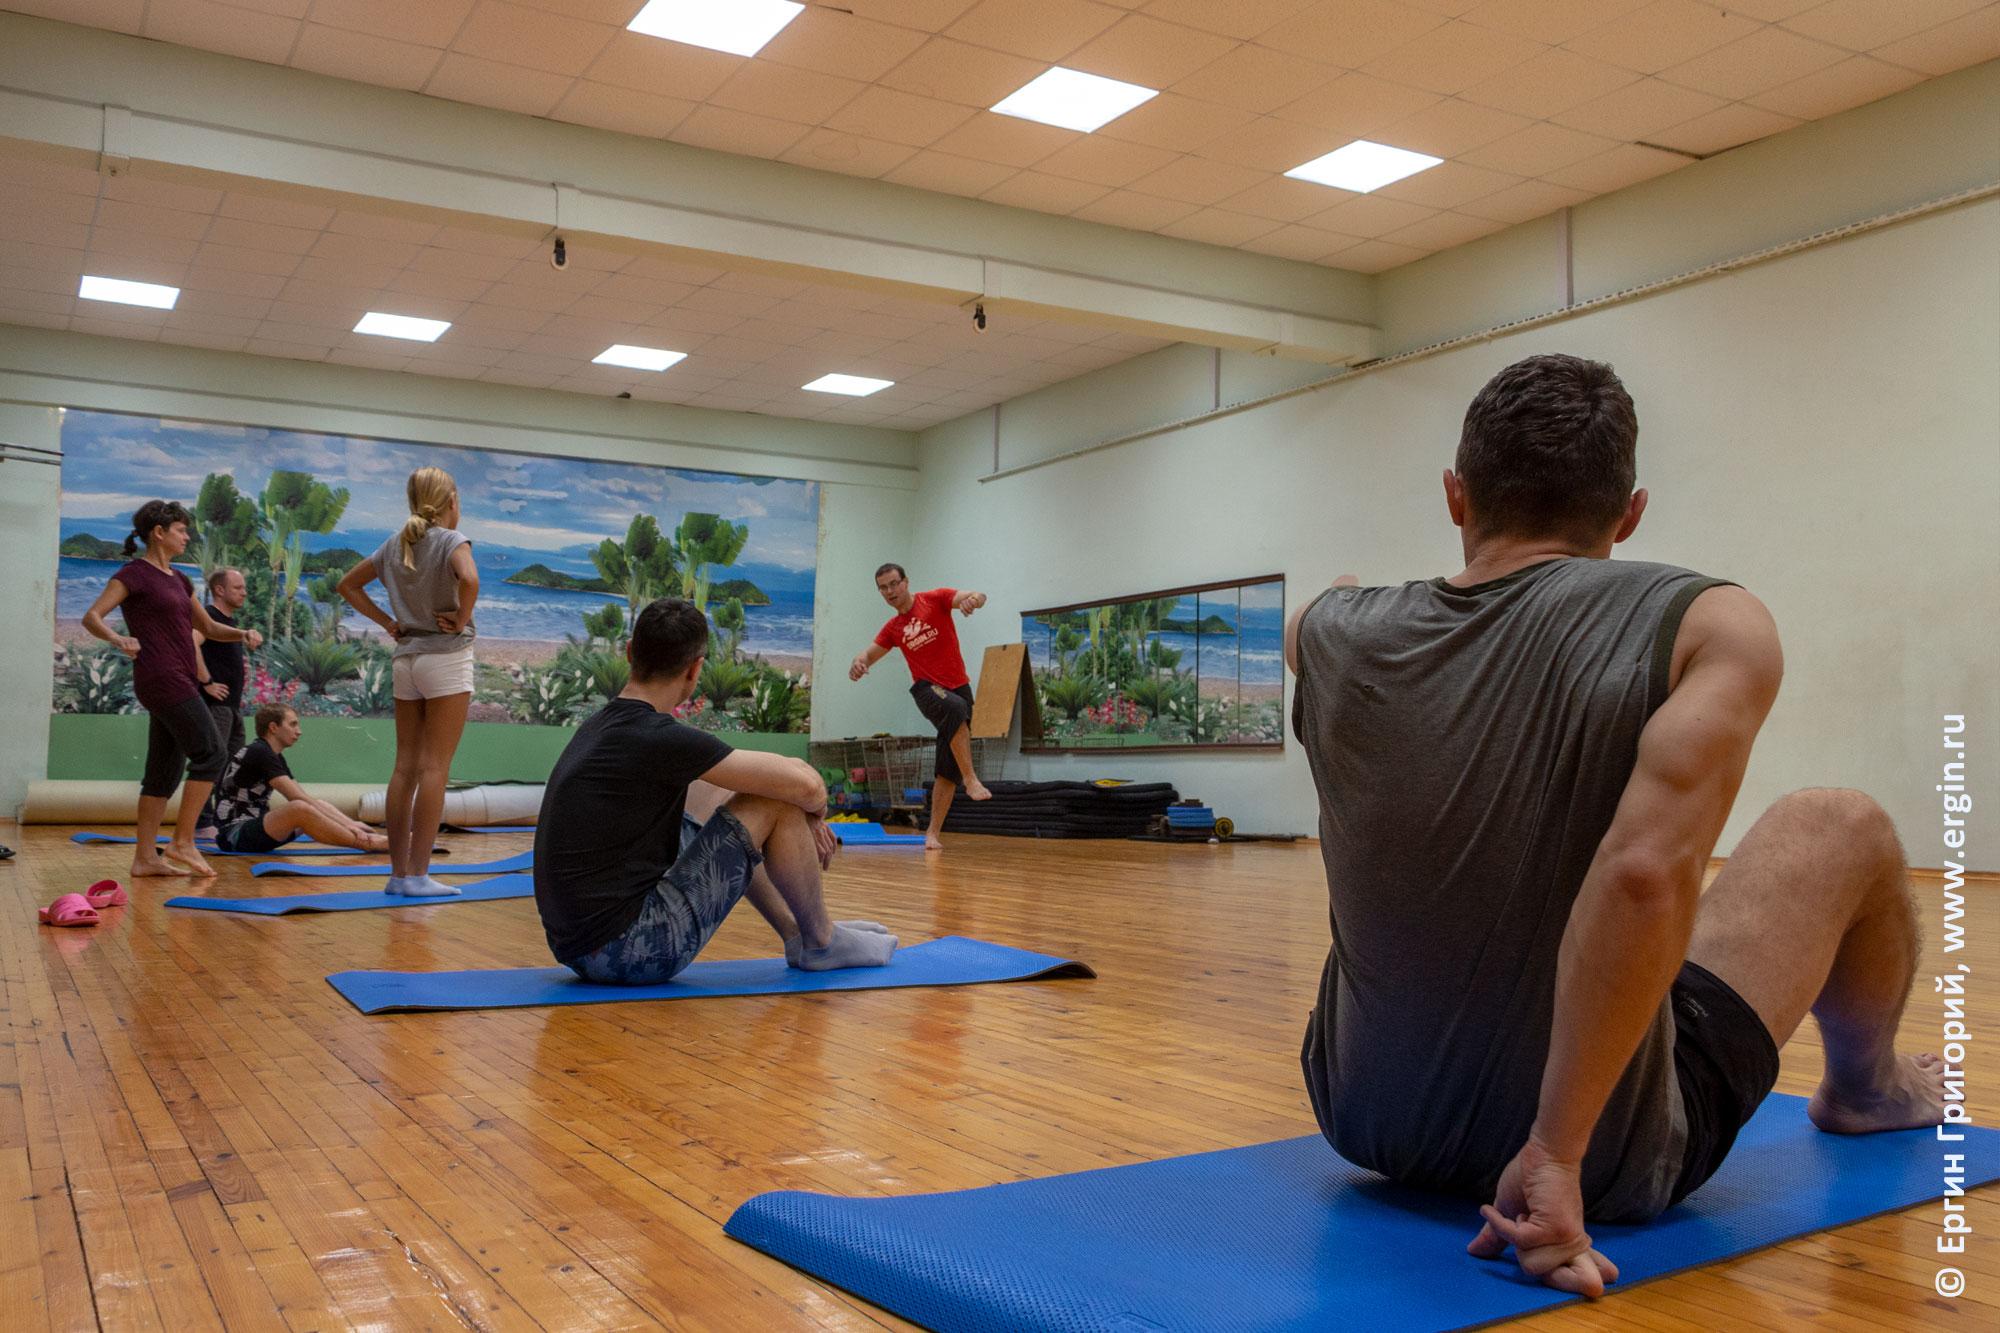 Занятия по фристайл-каякингу на суше в спортзале